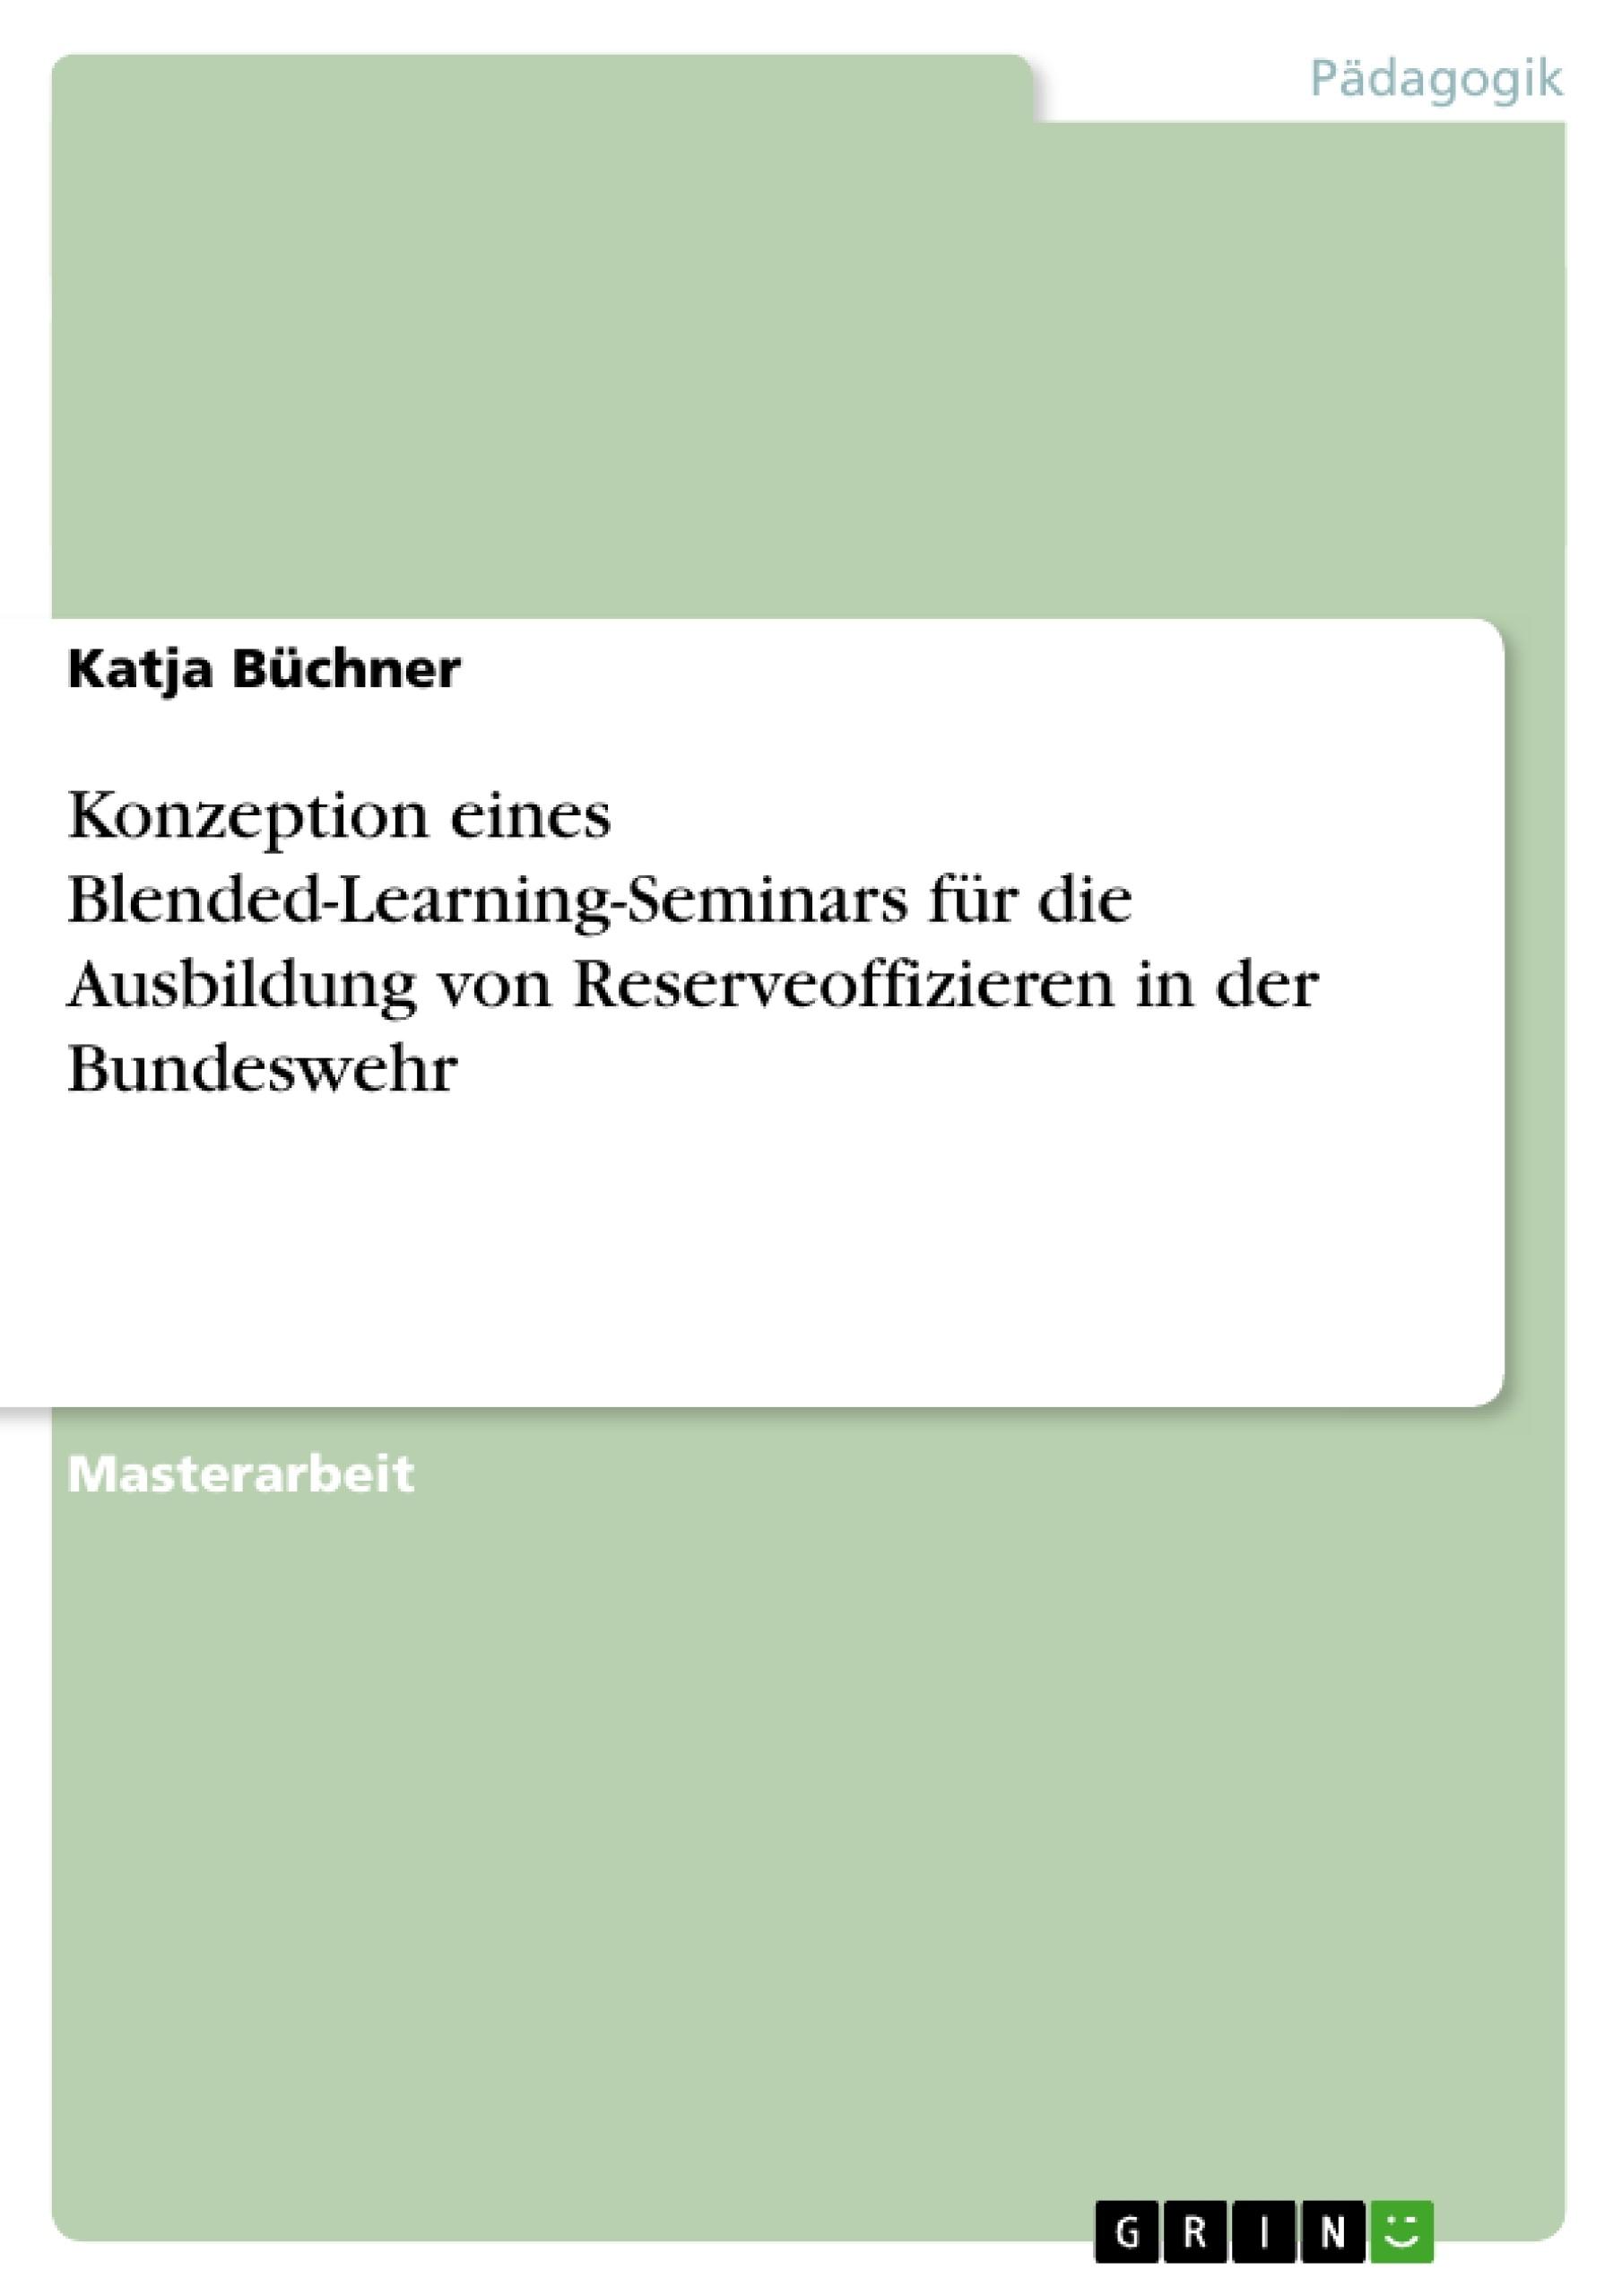 Titel: Konzeption eines Blended-Learning-Seminars für die Ausbildung von Reserveoffizieren in der Bundeswehr